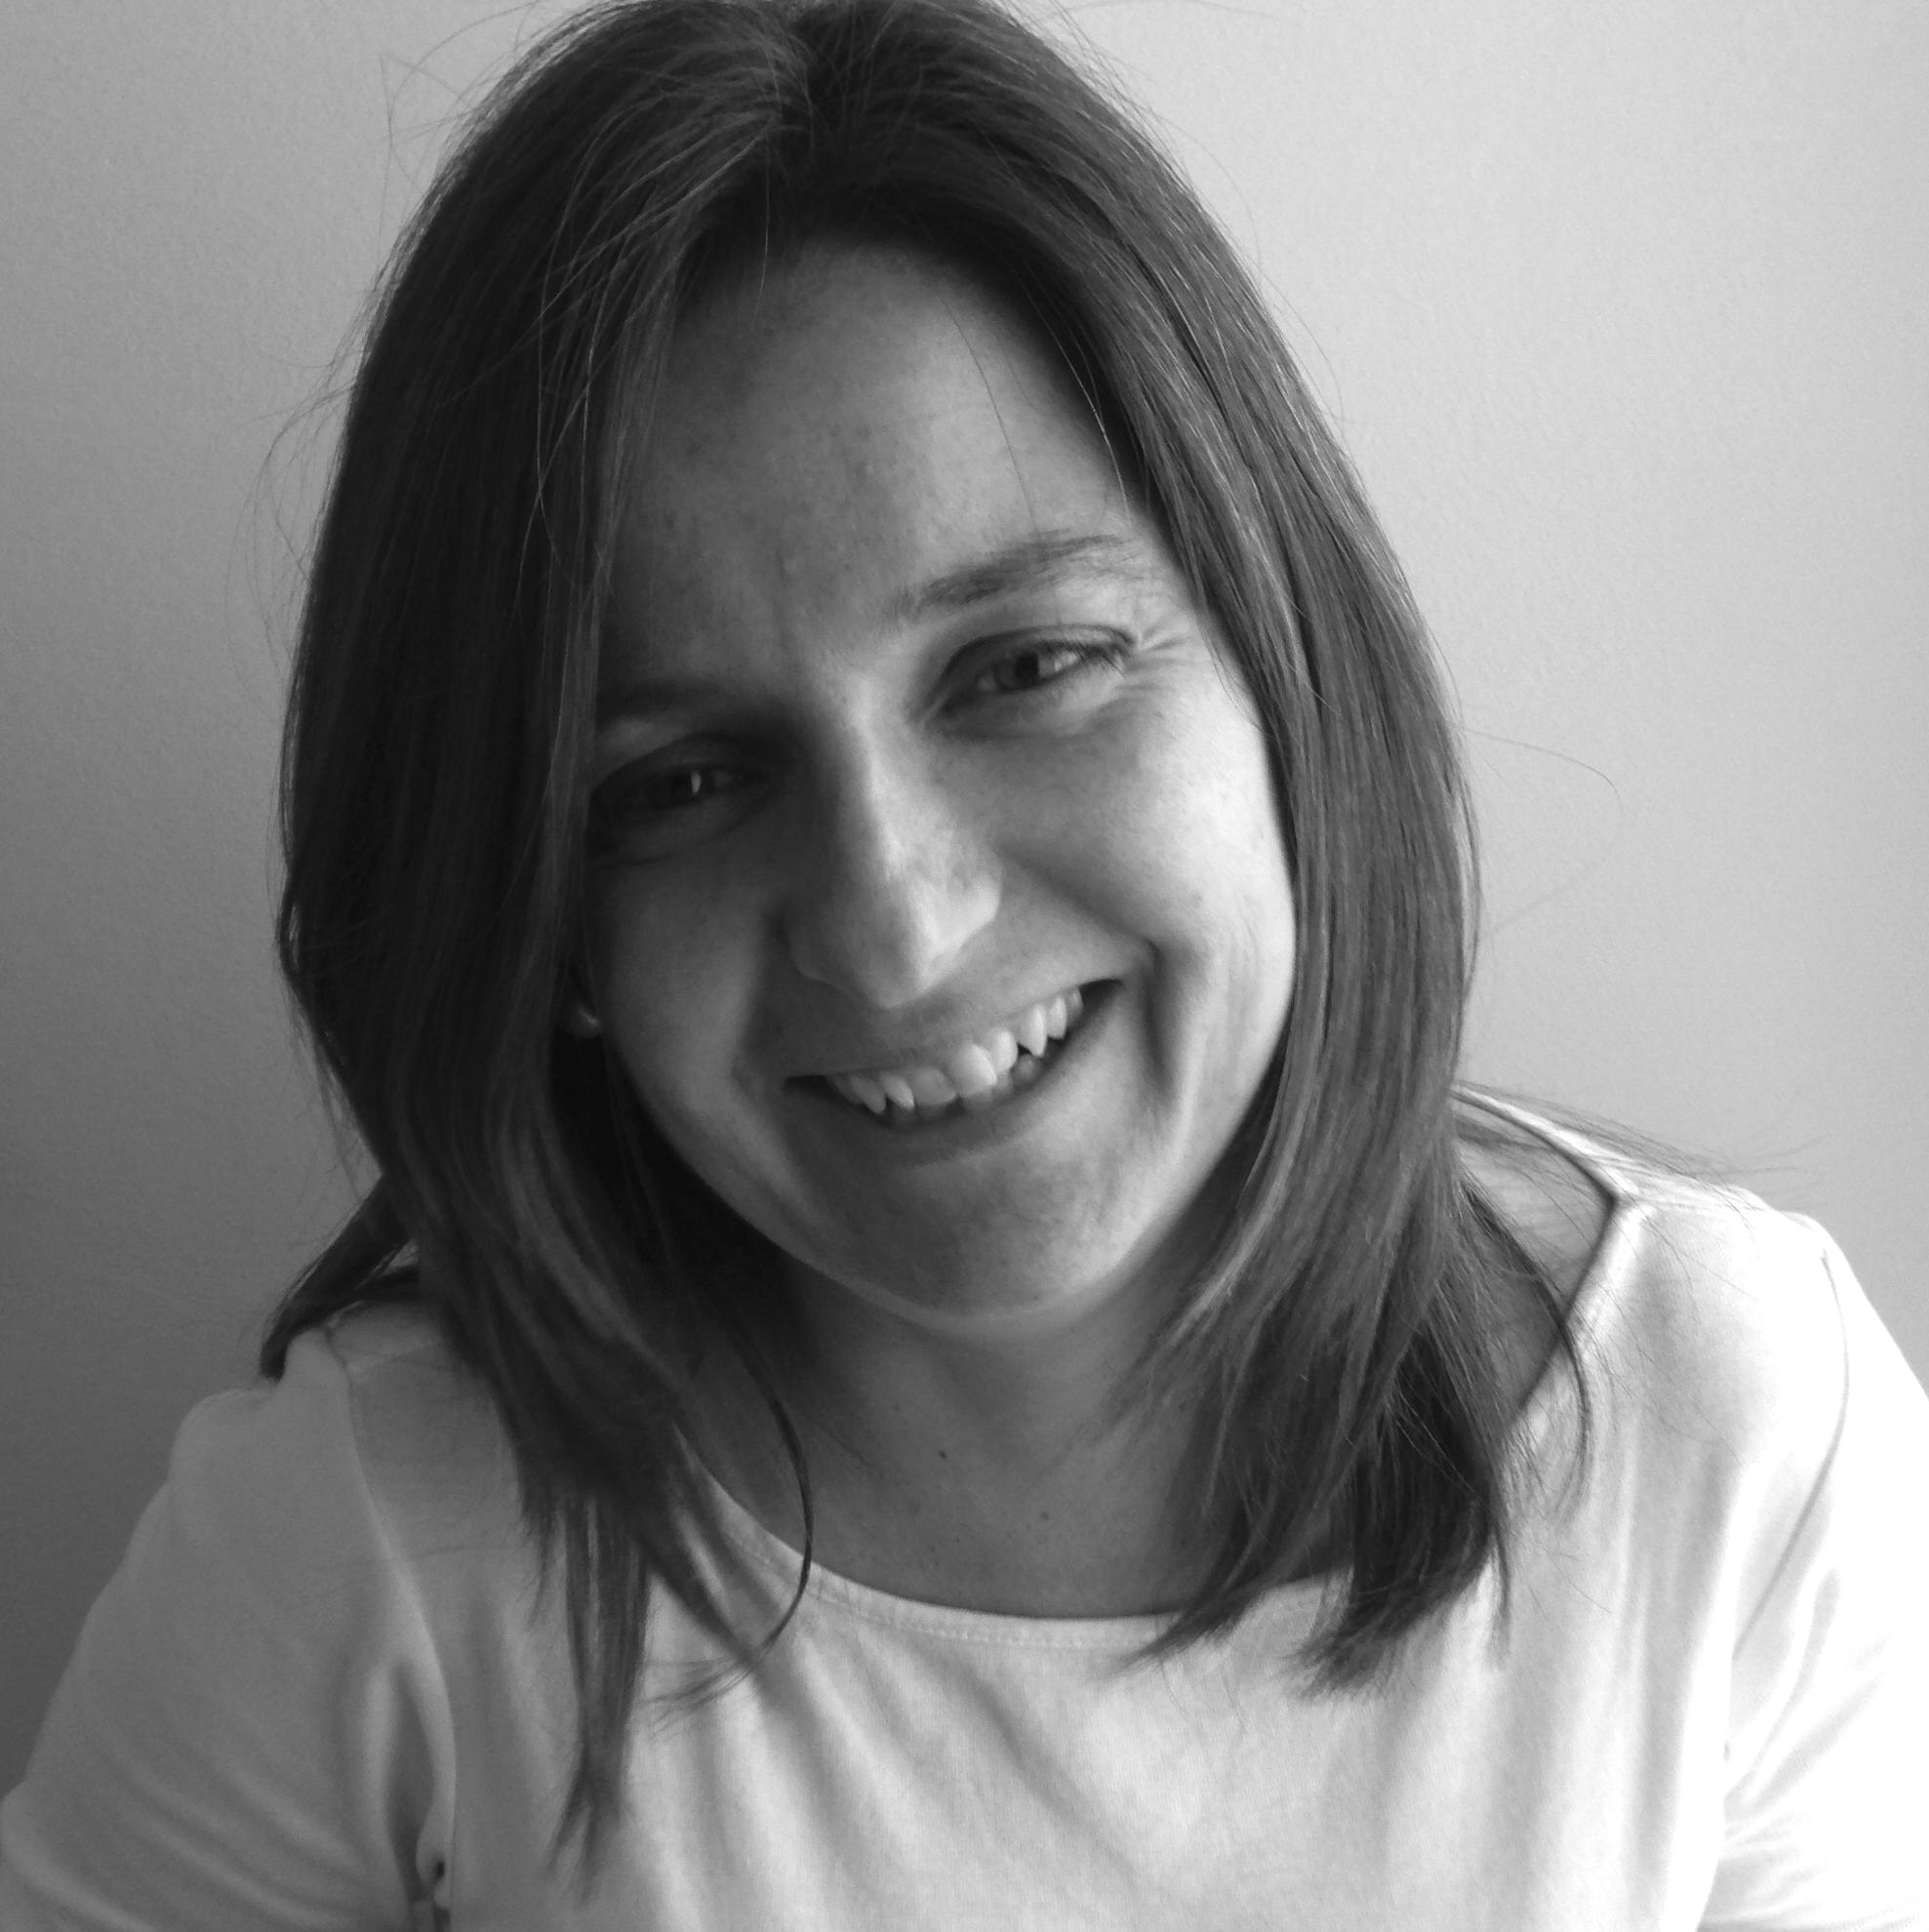 María José Mas Salguero